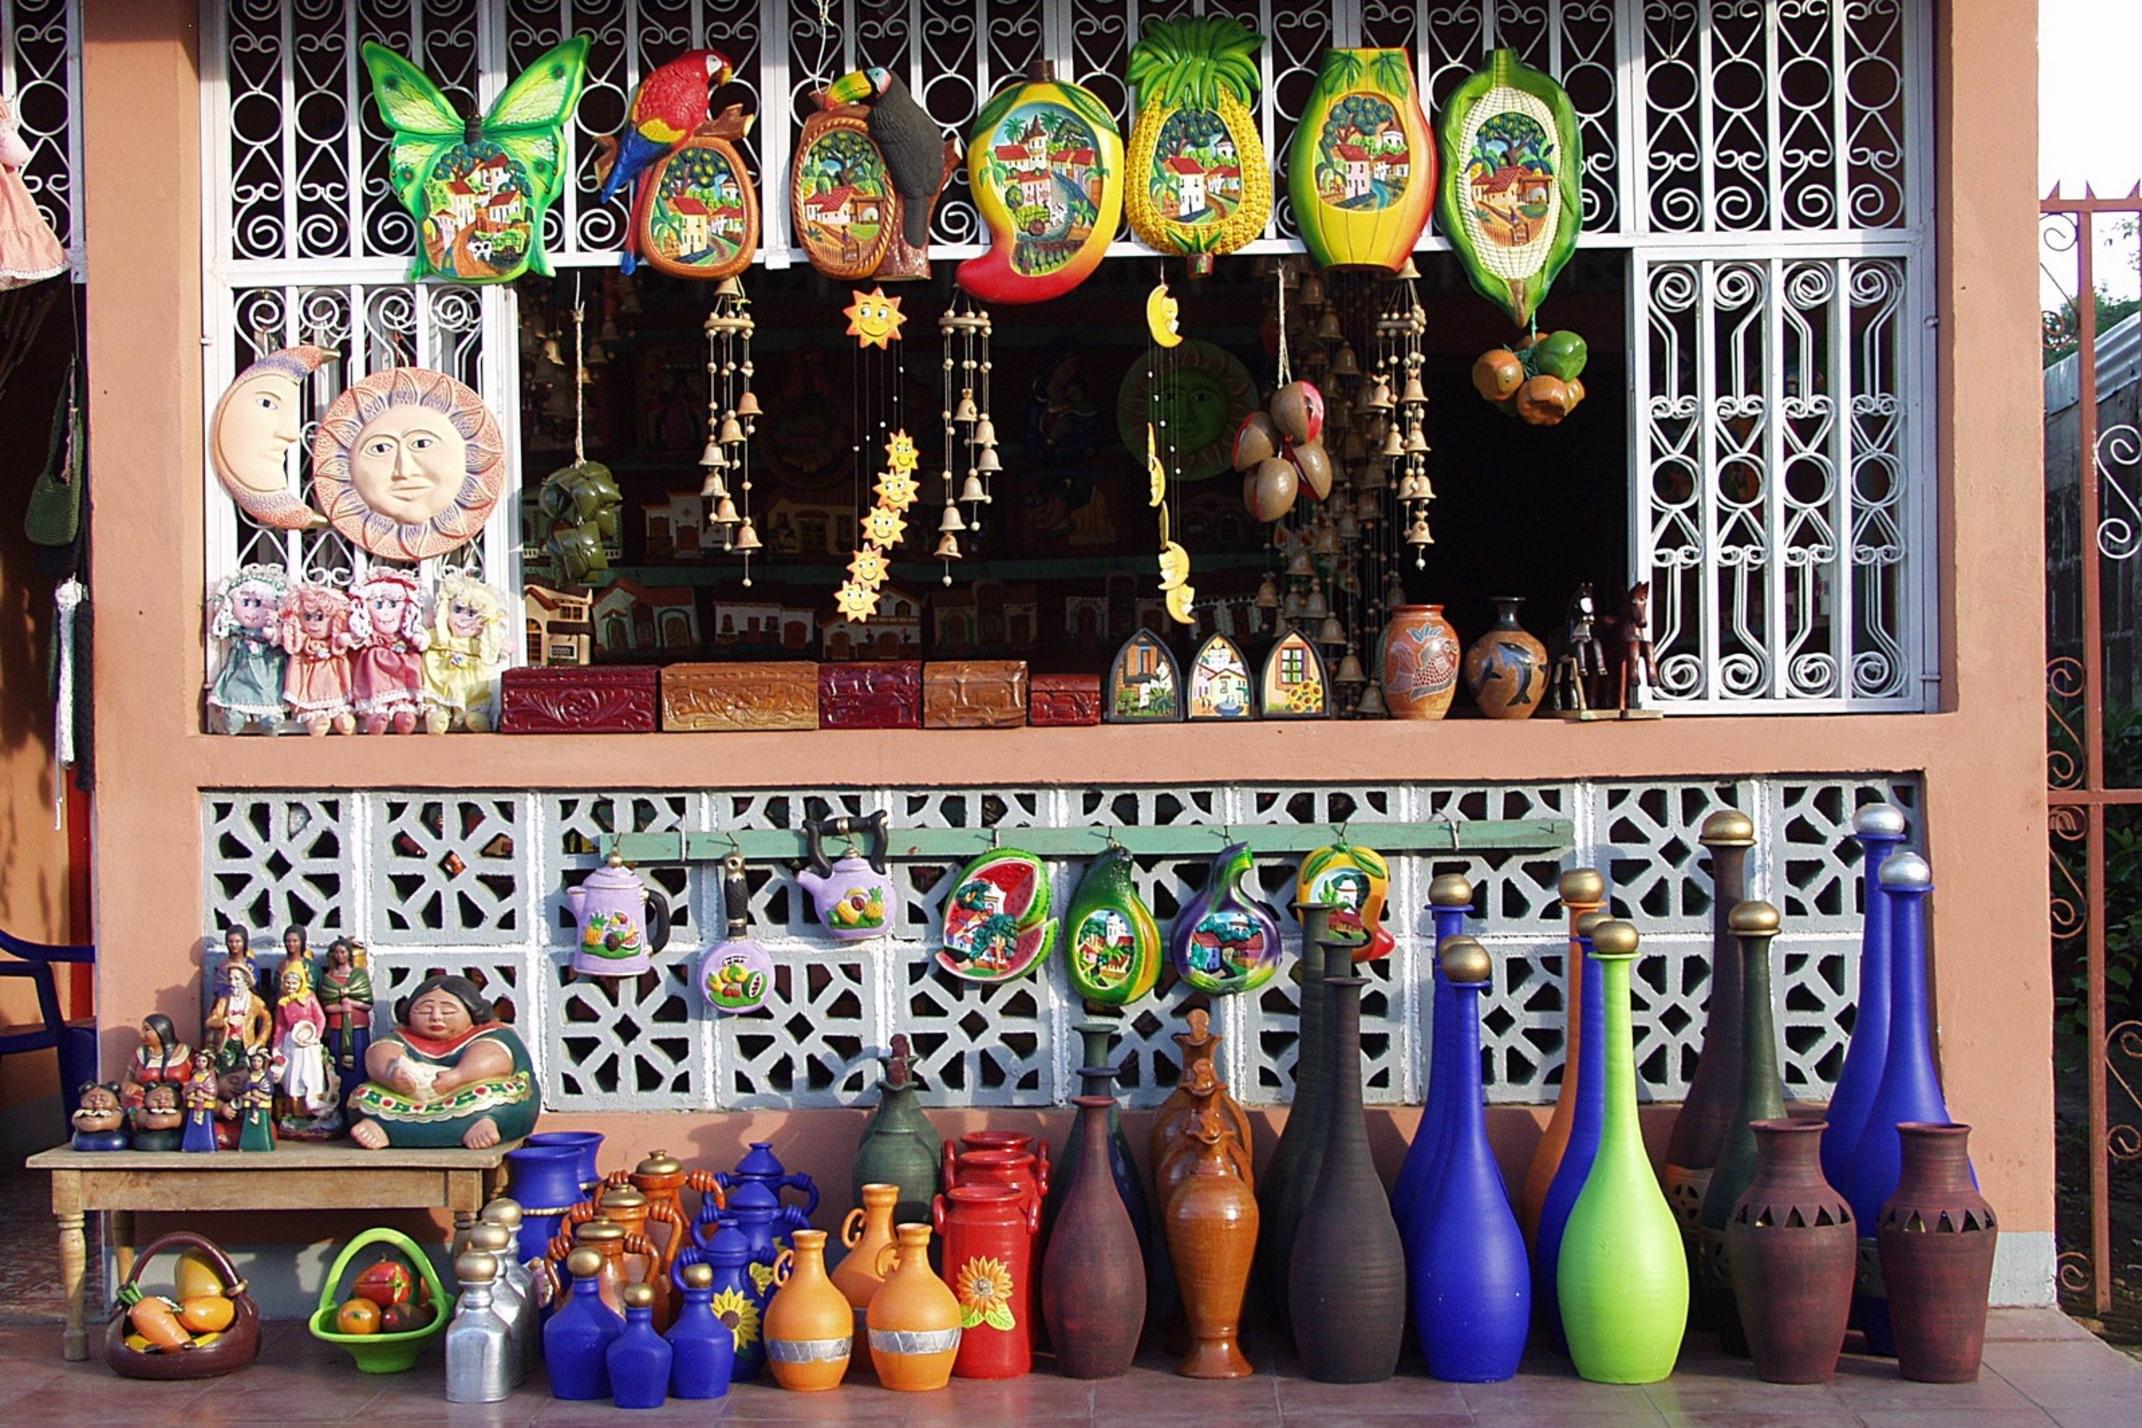 Nicaragua copyright jan strik artesanias catarina shop